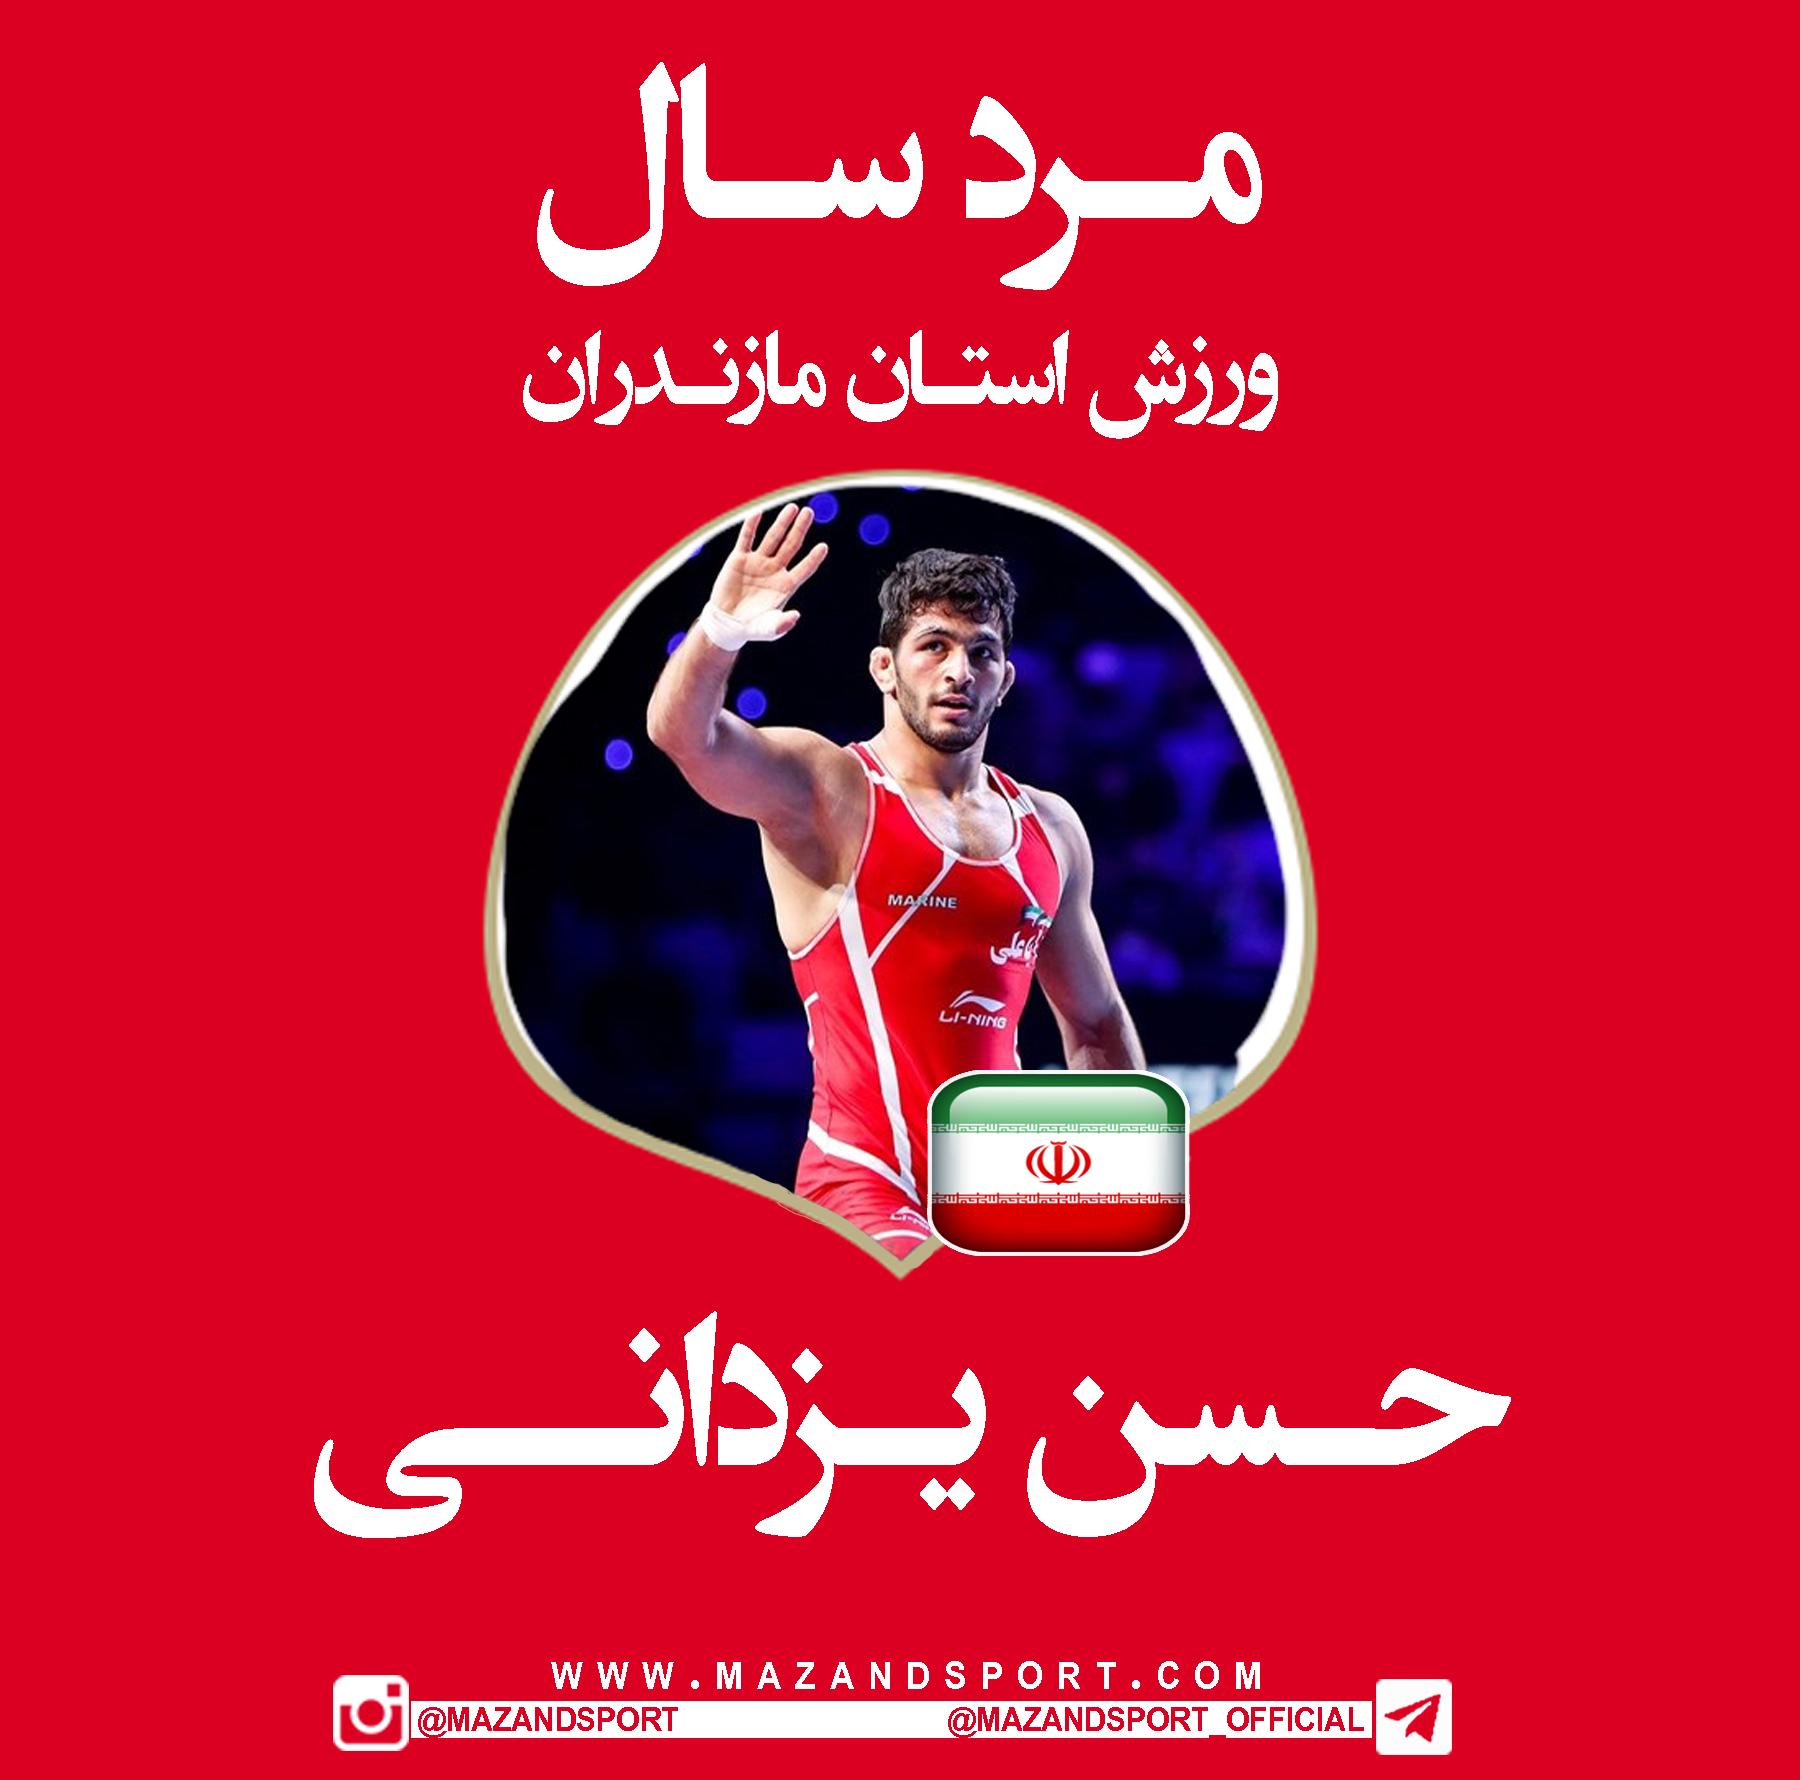 حسن یزدانی مرد سال ورزش استان مازندران در سال ۹۸ شد